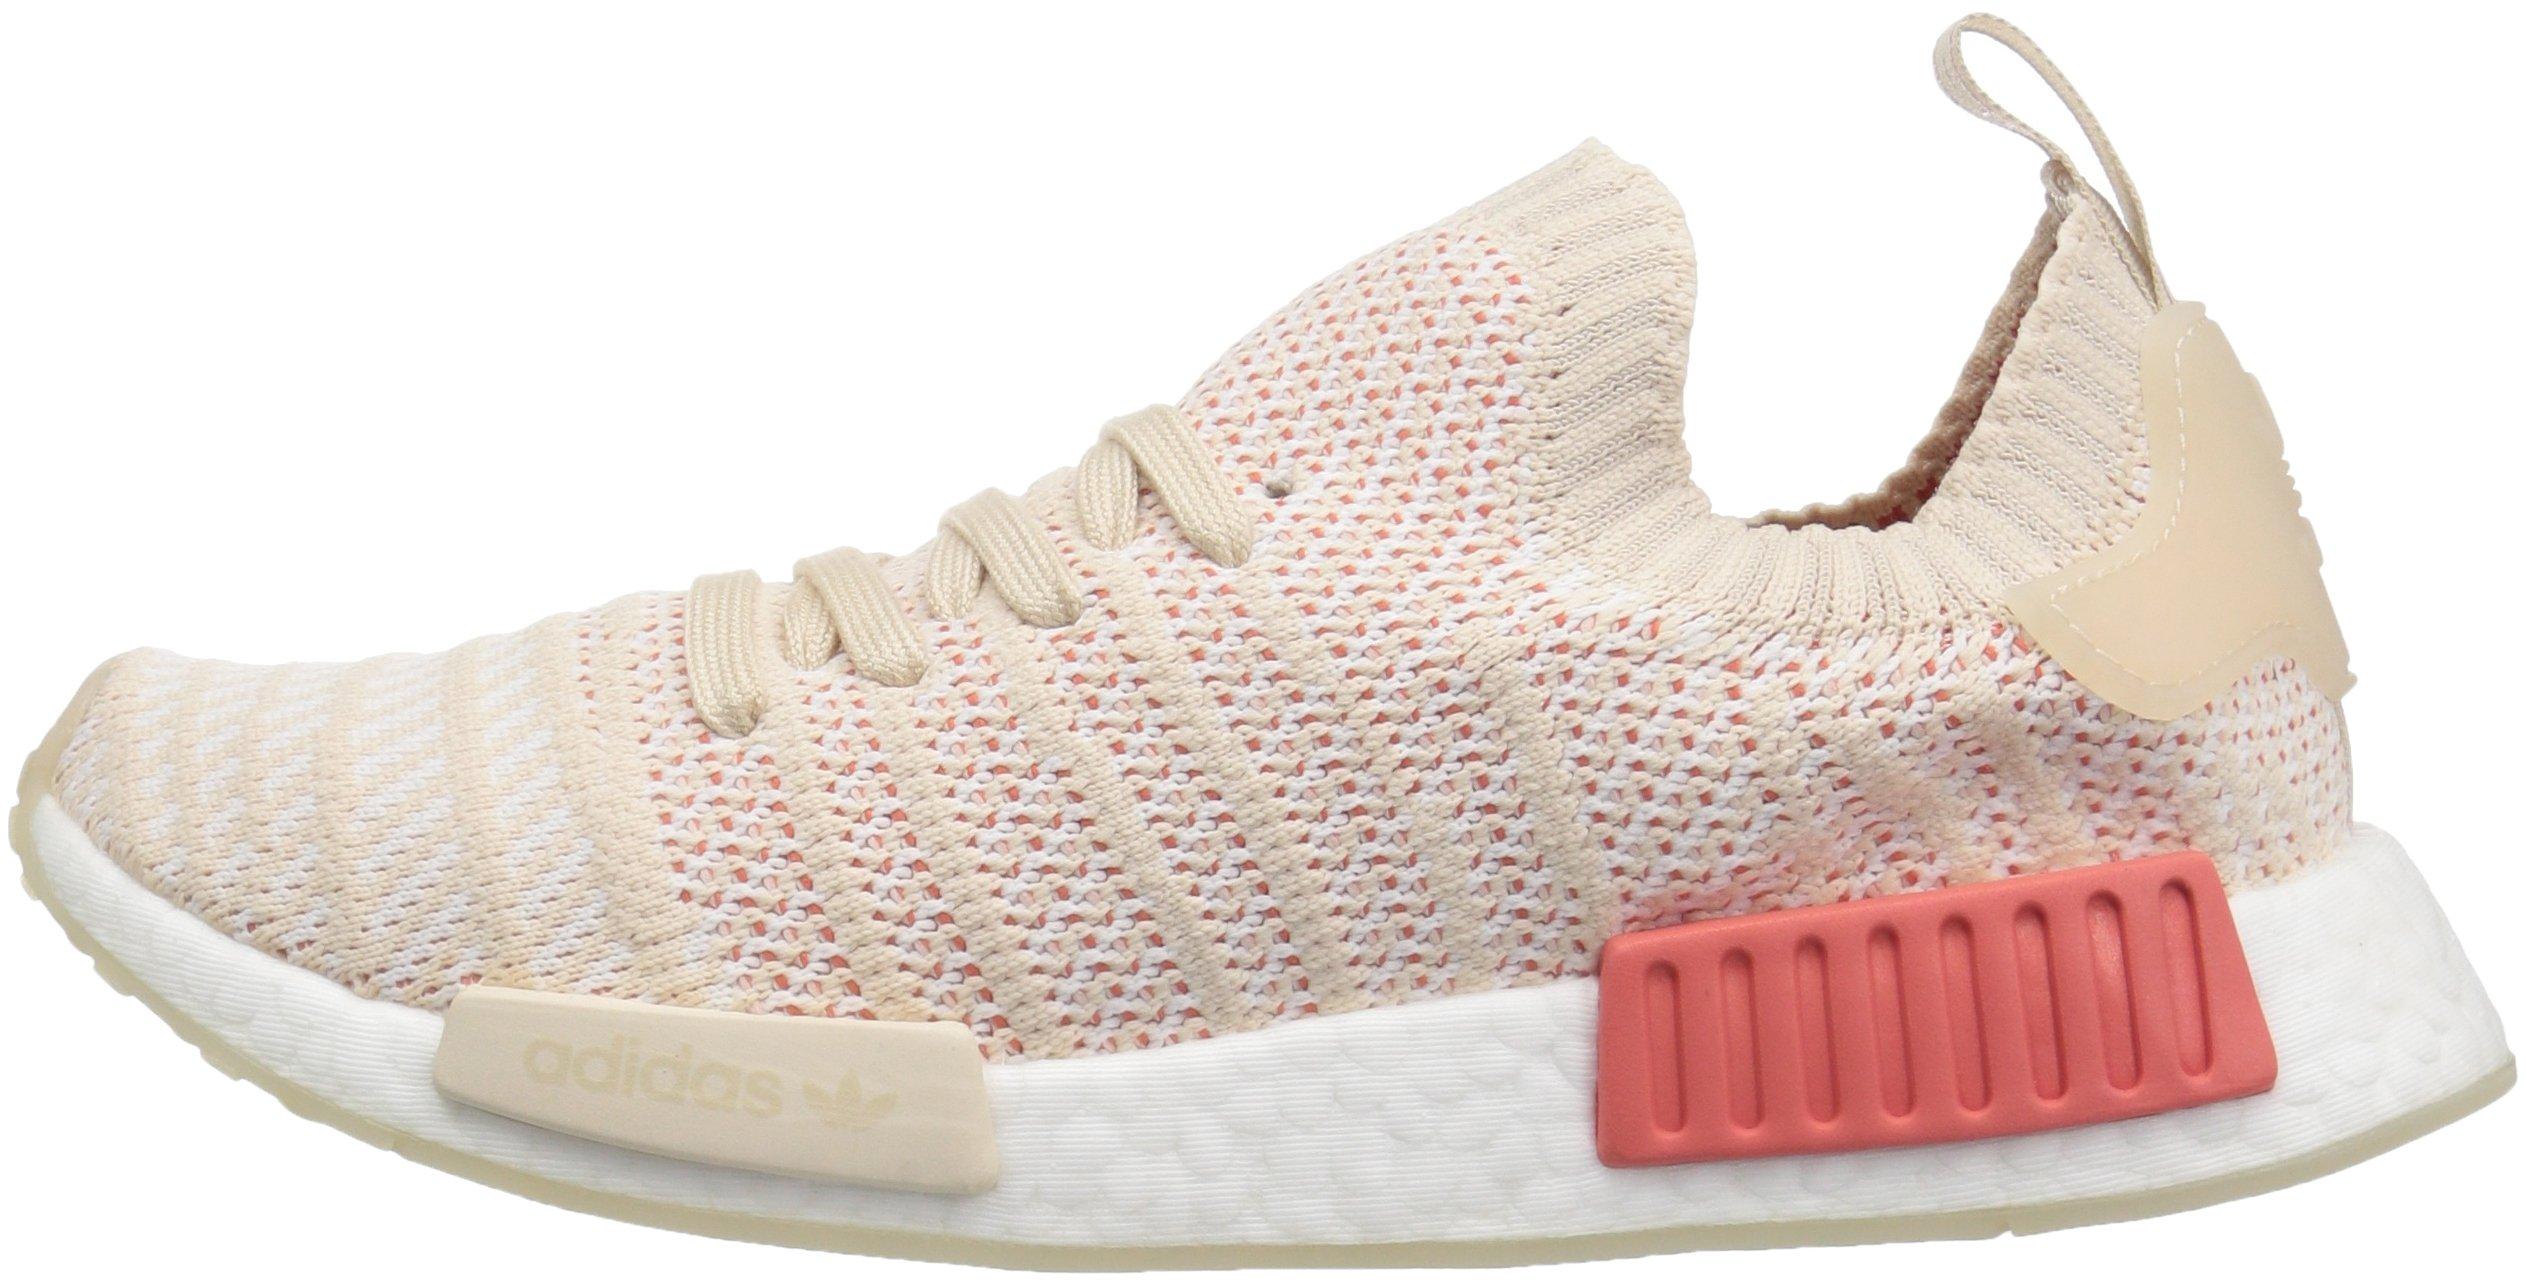 81uWZ0qSrhL - adidas Originals Women's NMD_r1 Stlt Pk Running Shoe